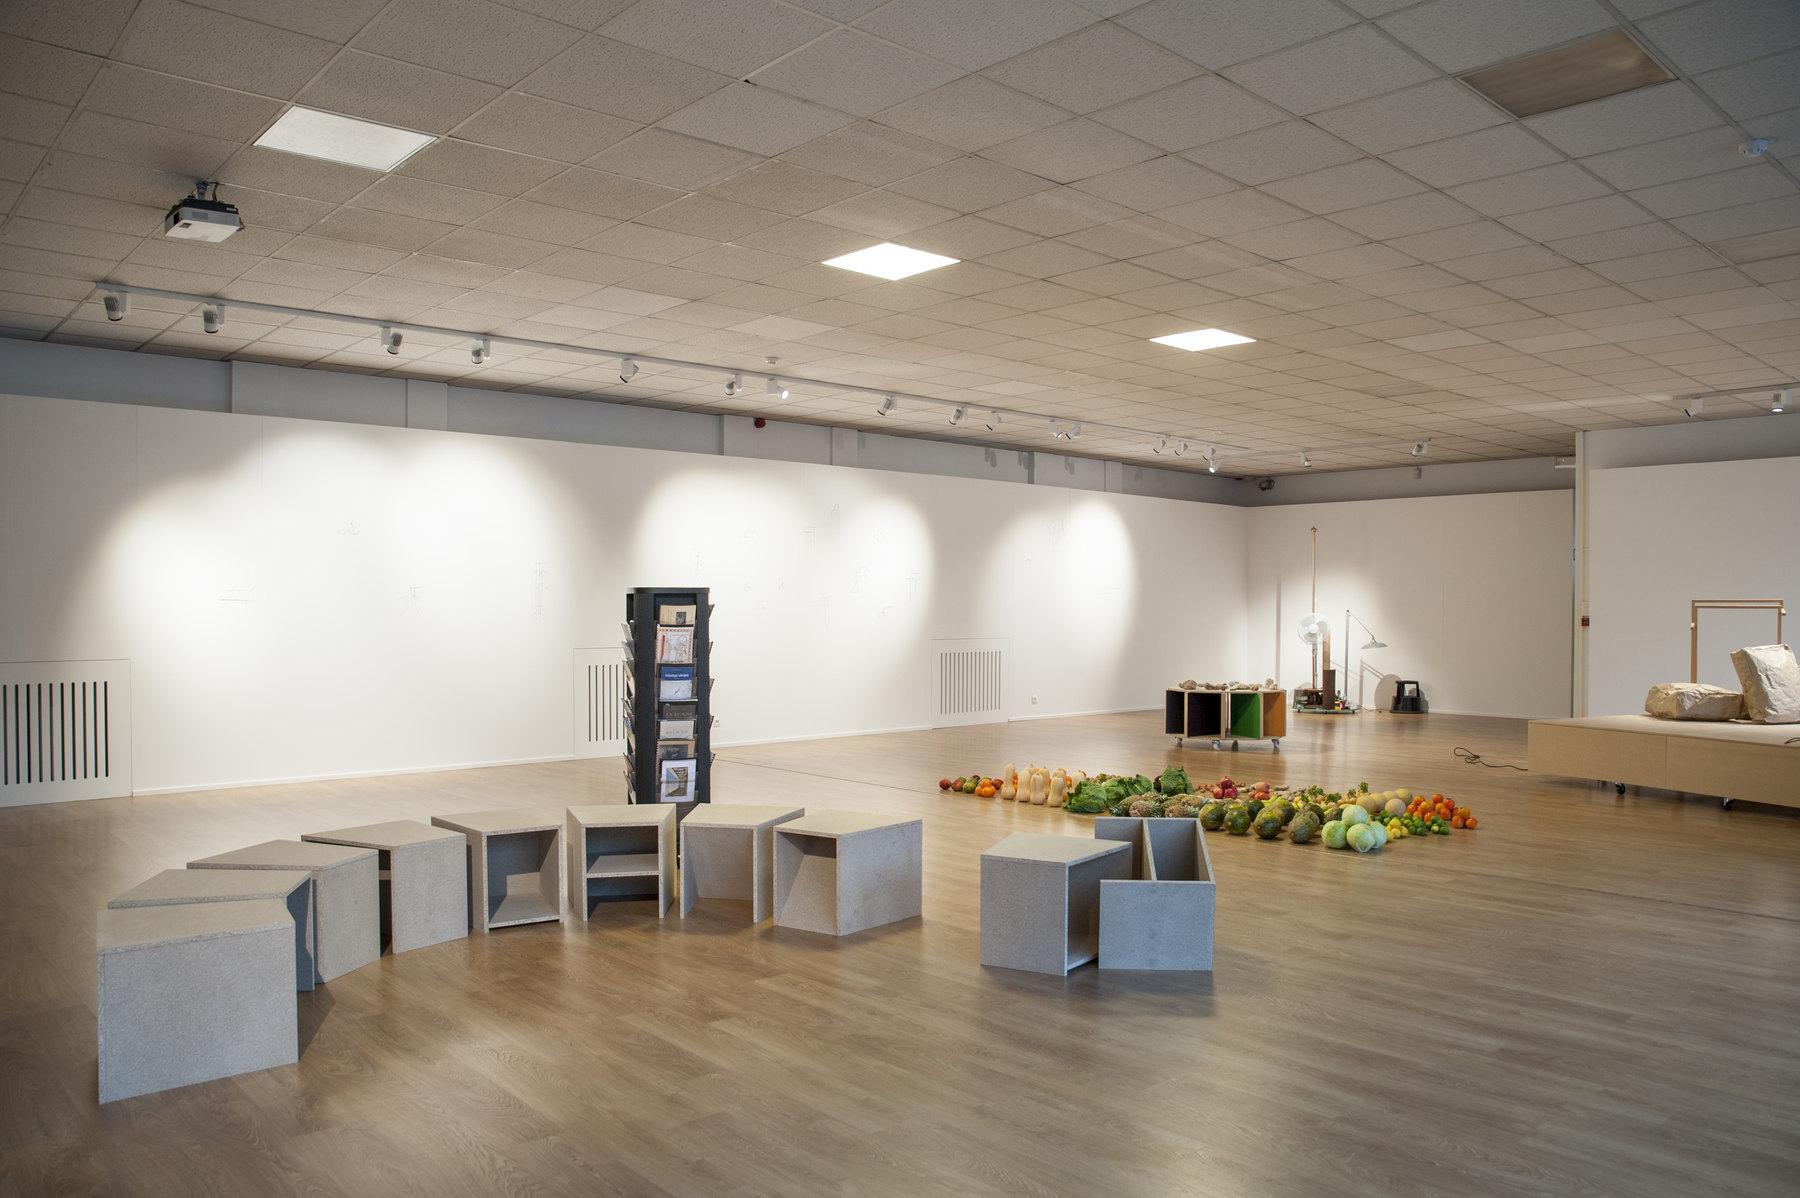 Raffaella Crispino- Hans Demeulenaere, installation view